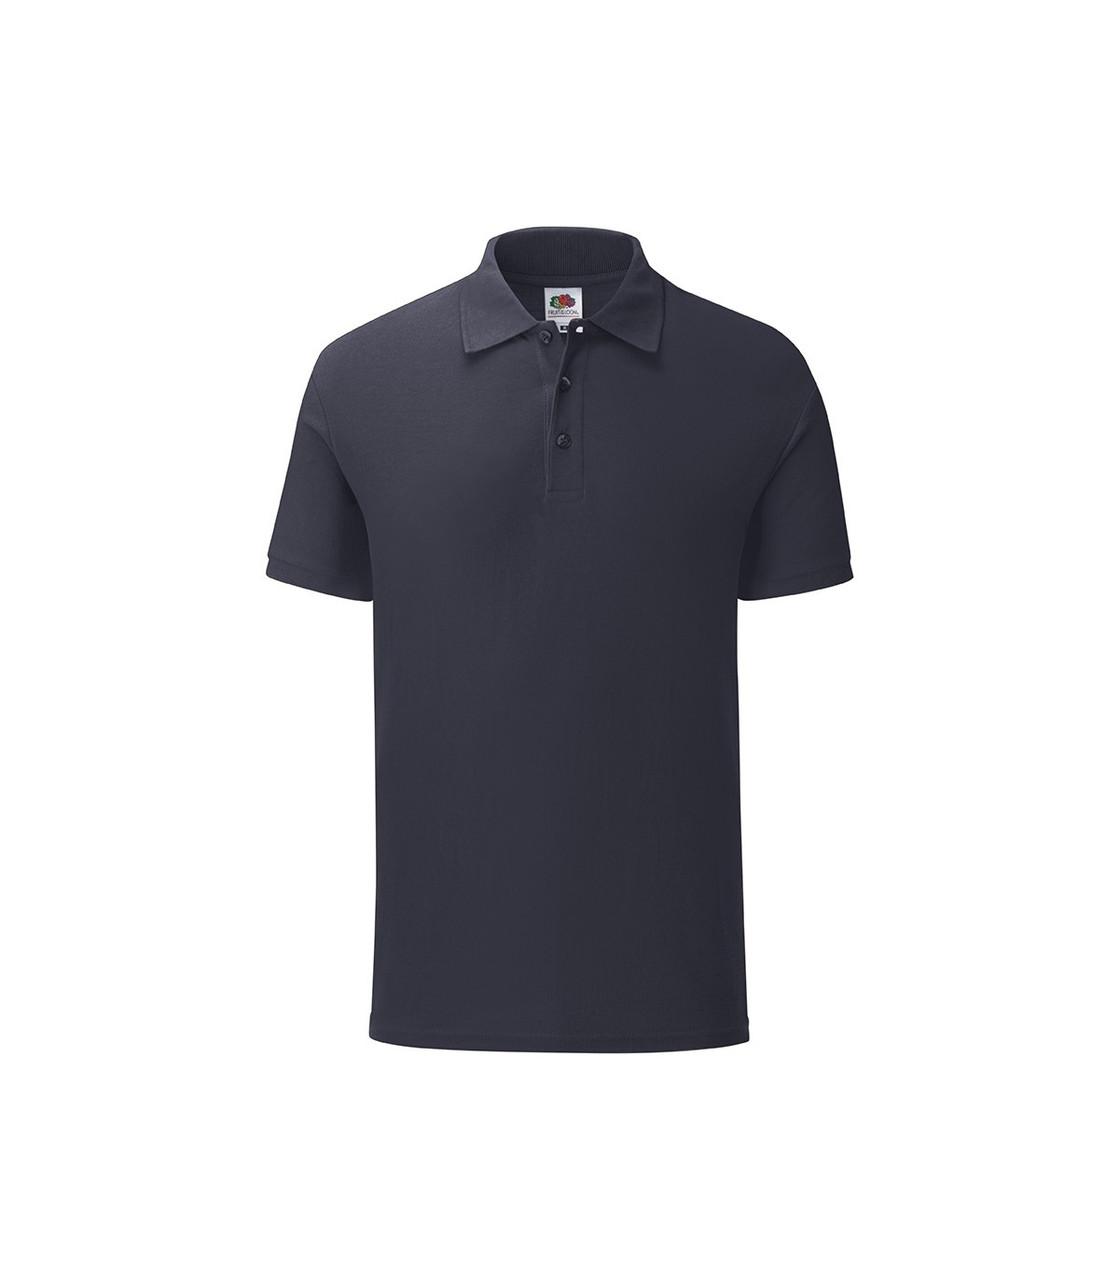 Мужская футболка поло хлопок темно-синяя 044-AZ